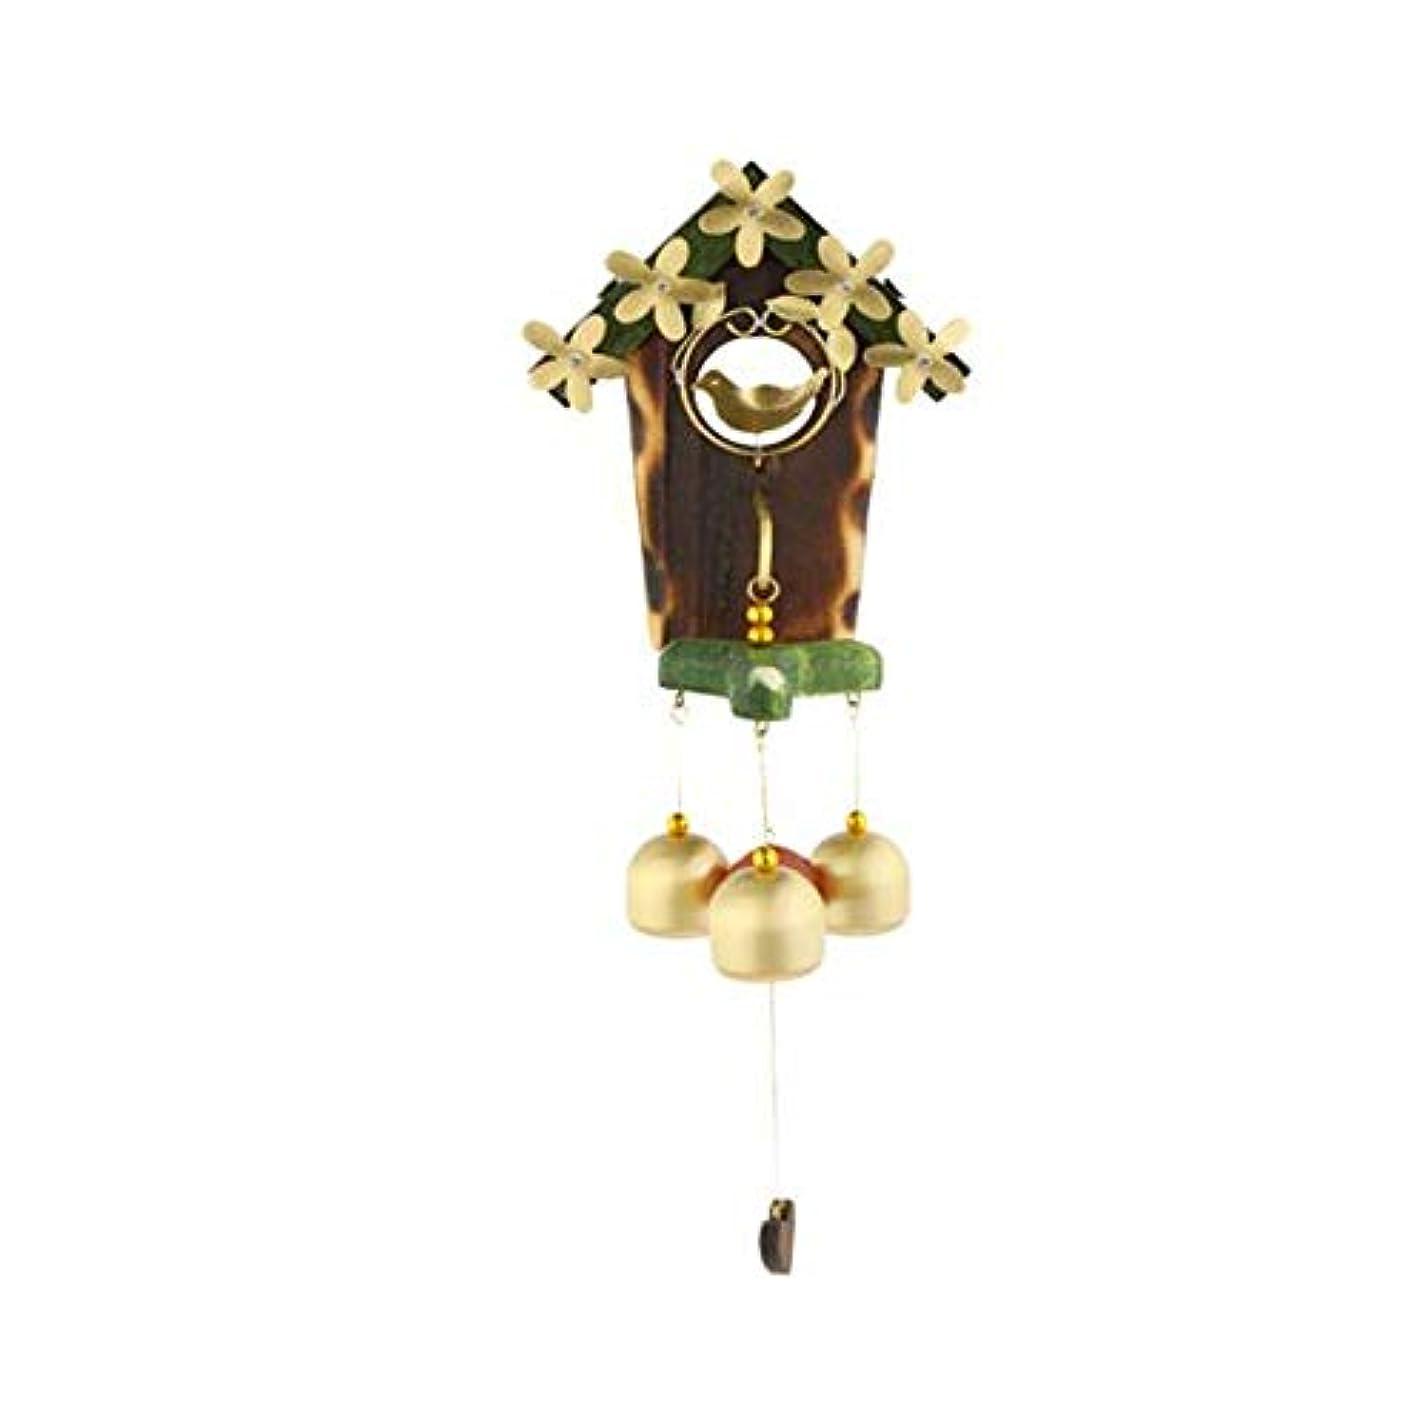 宣伝上へ不公平風チャイム、クラシック愛の巣ソリッドウッド銅鳥風チャイム、メタル風チャイム、ベッドルームバルコニーのドアの装飾、マグネット自吸式ドアベル (Color : 2, Size : 30cm)